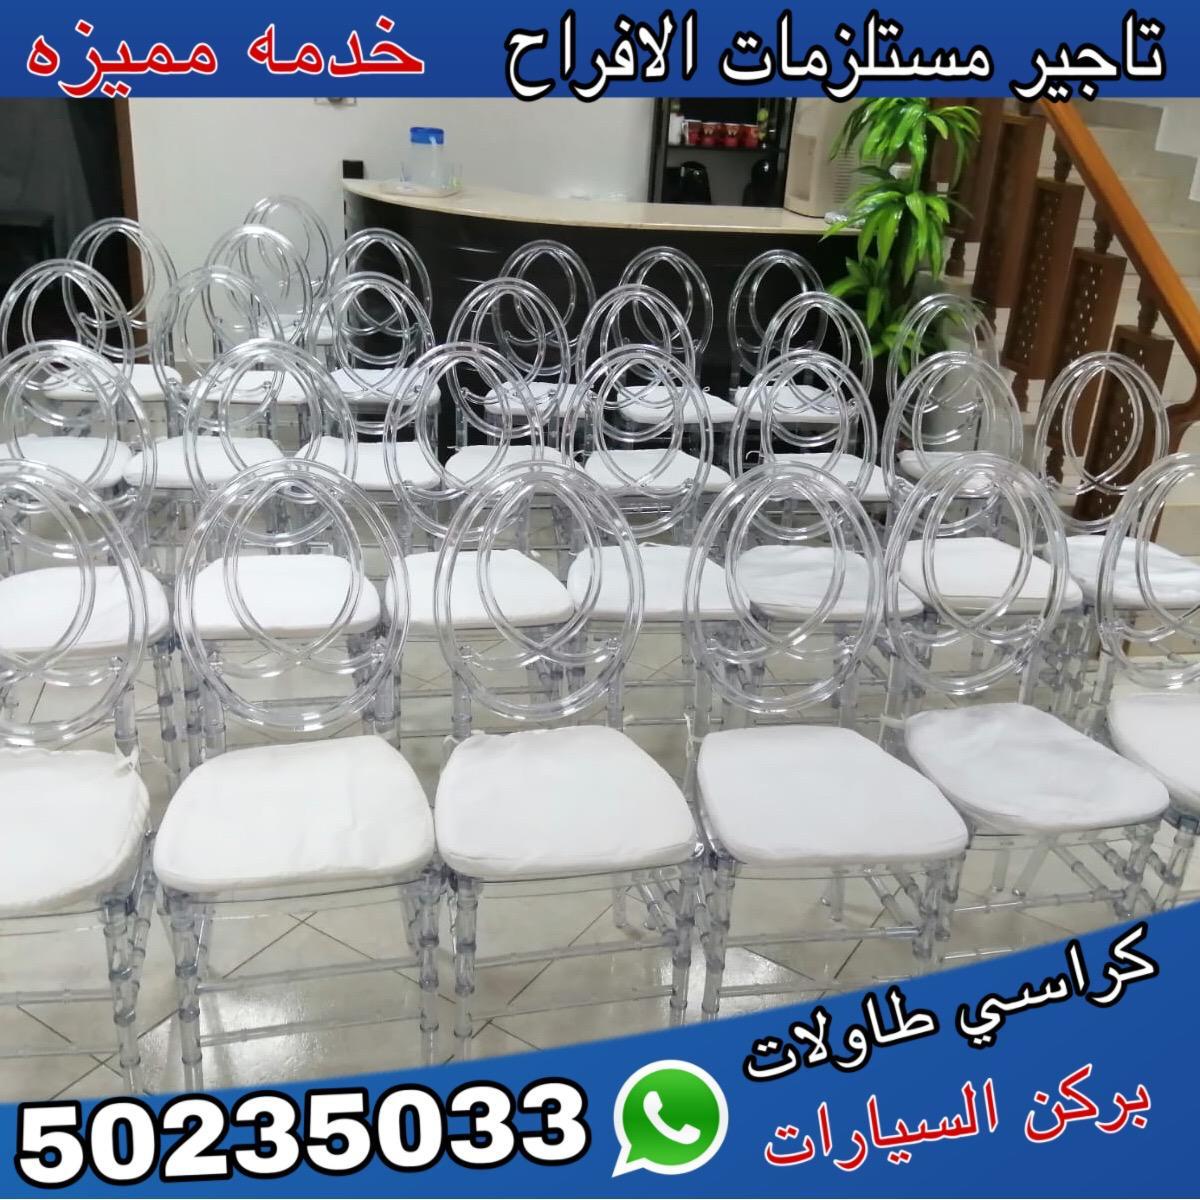 تاجير كراسي نابليون ذهبي وفضي  | 50235033 | الفخامة الكويتية